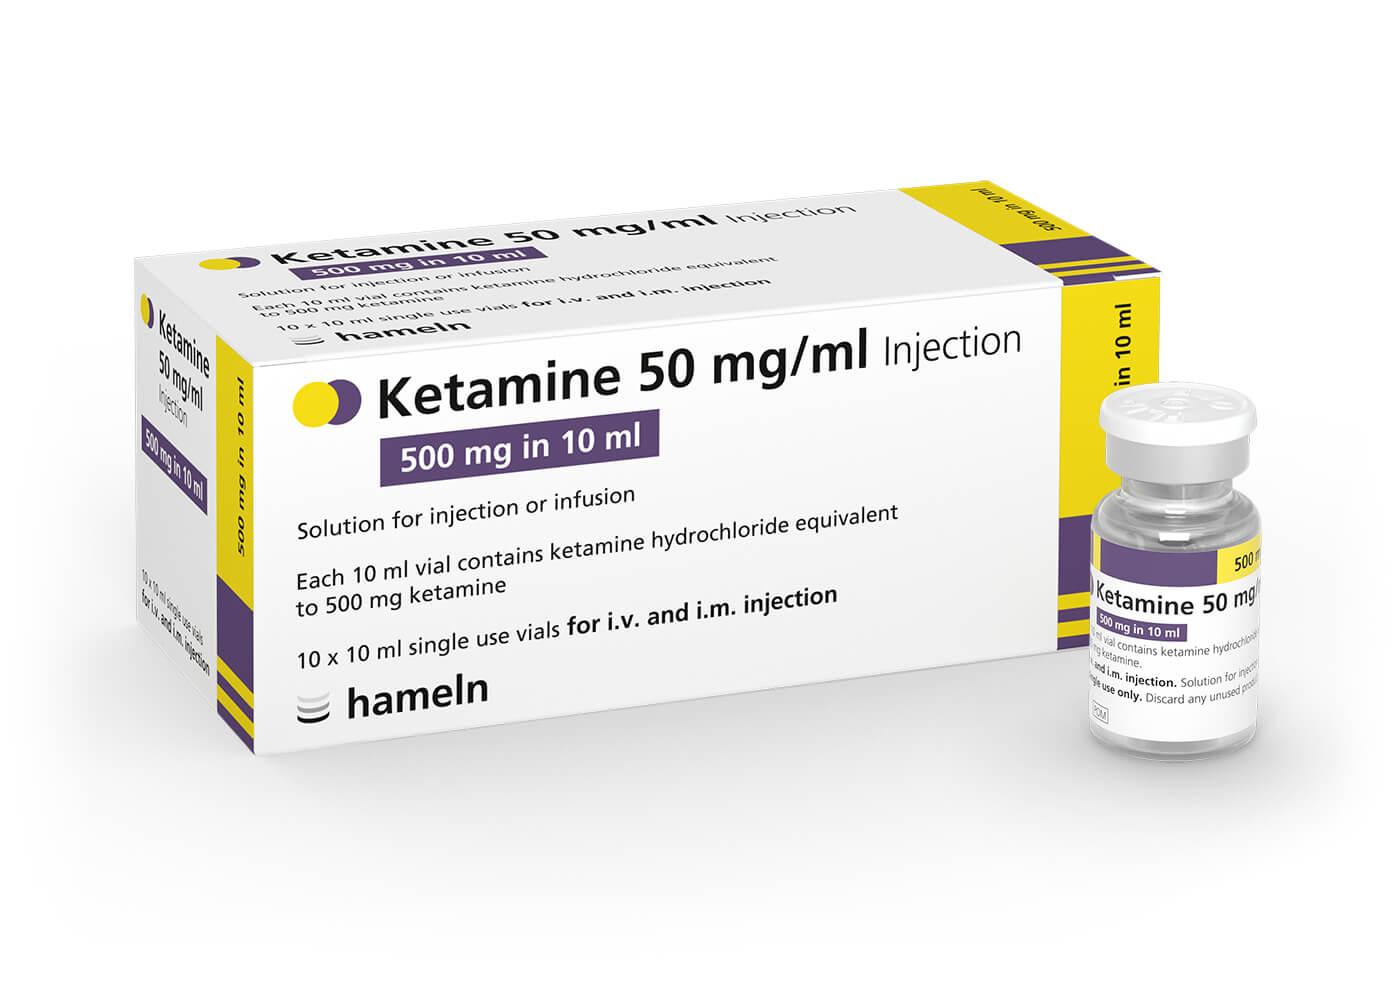 Ketamine_UK_50_mg-ml_in_10_ml_Pack_Vial_10St_2020-14